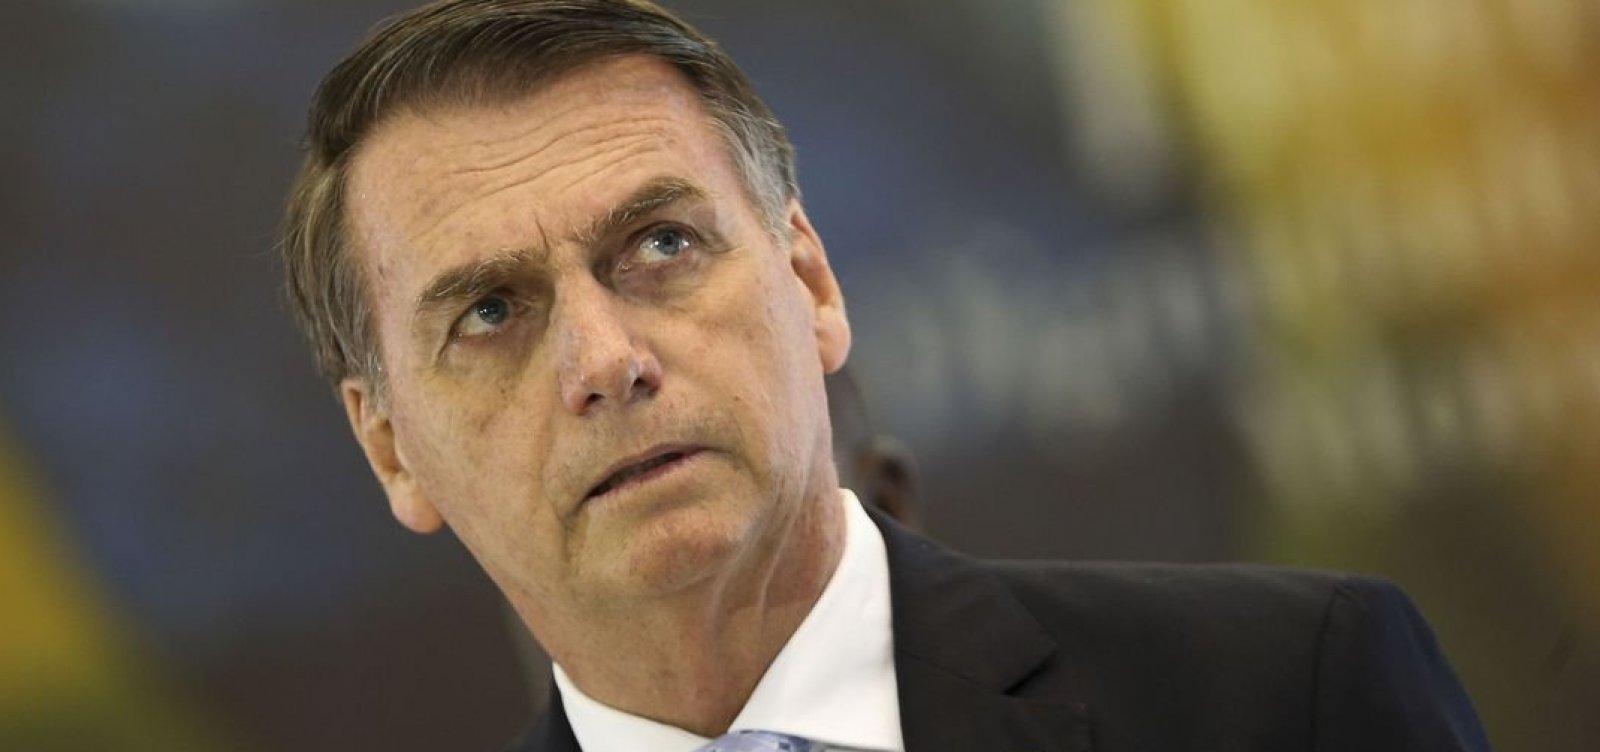 Peças publicitárias de estatais vão passar por aprovação do Planalto